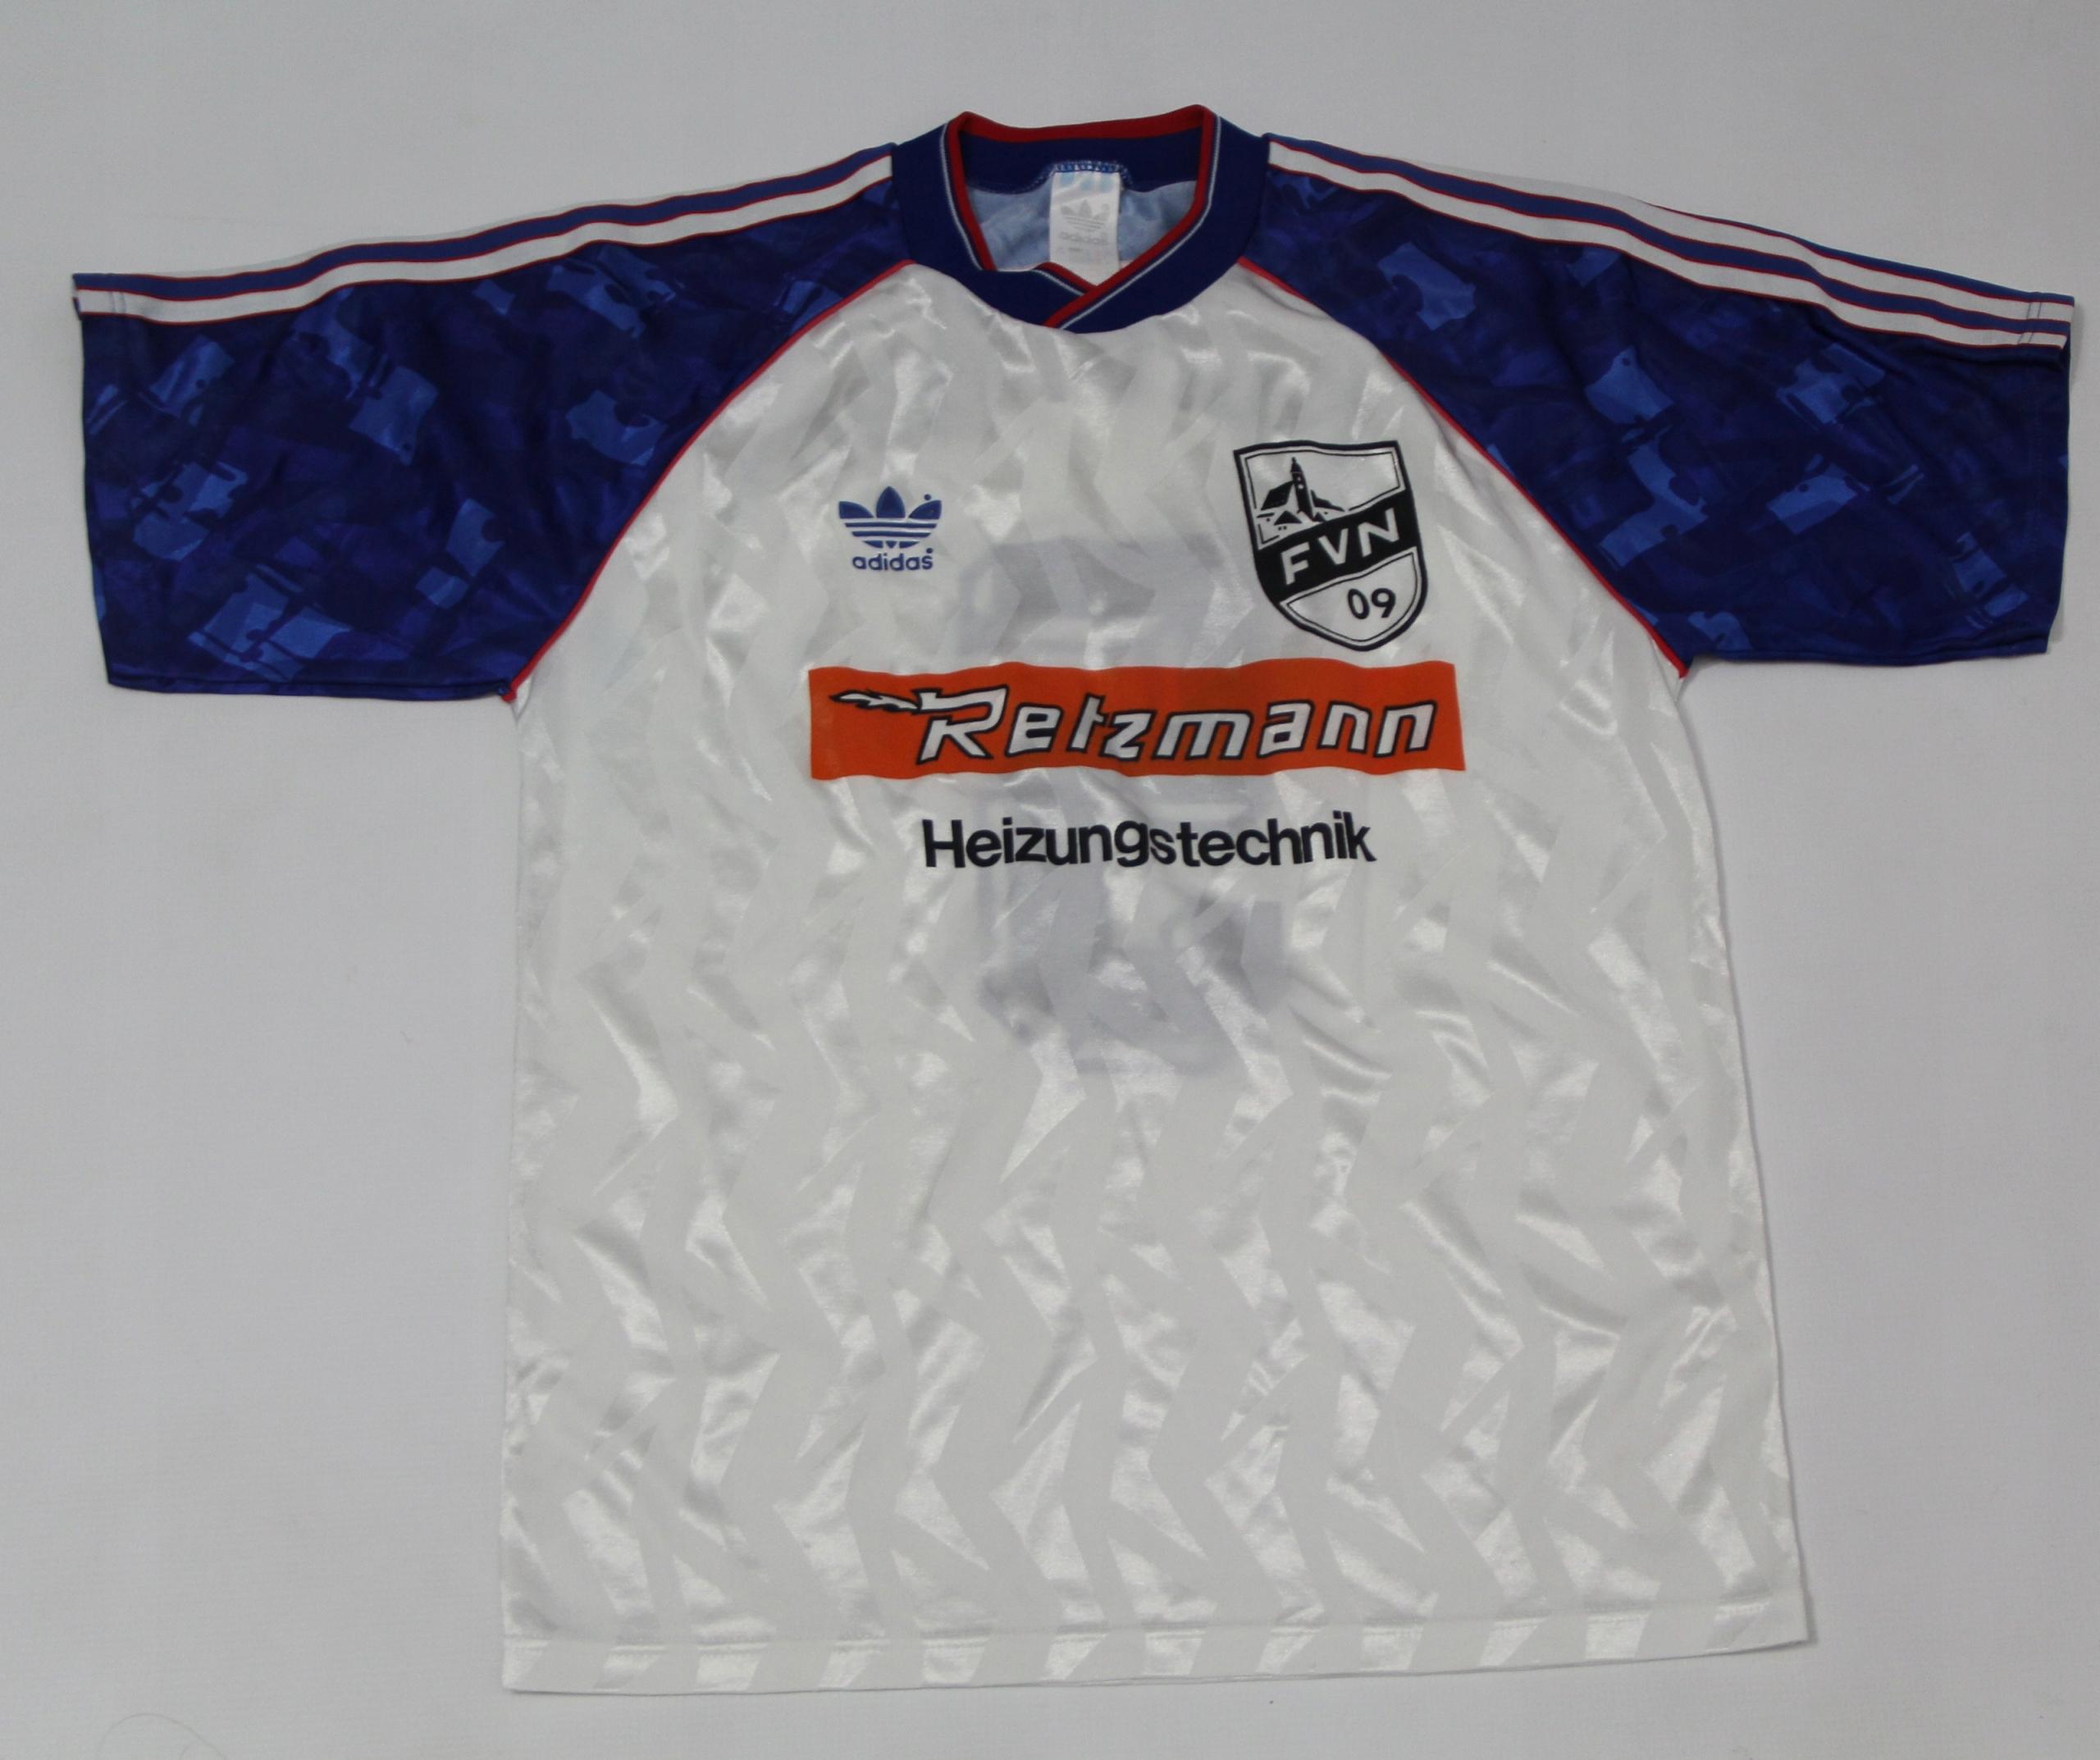 KoszulkaAdidas FVN 09 Nurtingen Nr-5 __U.K.__